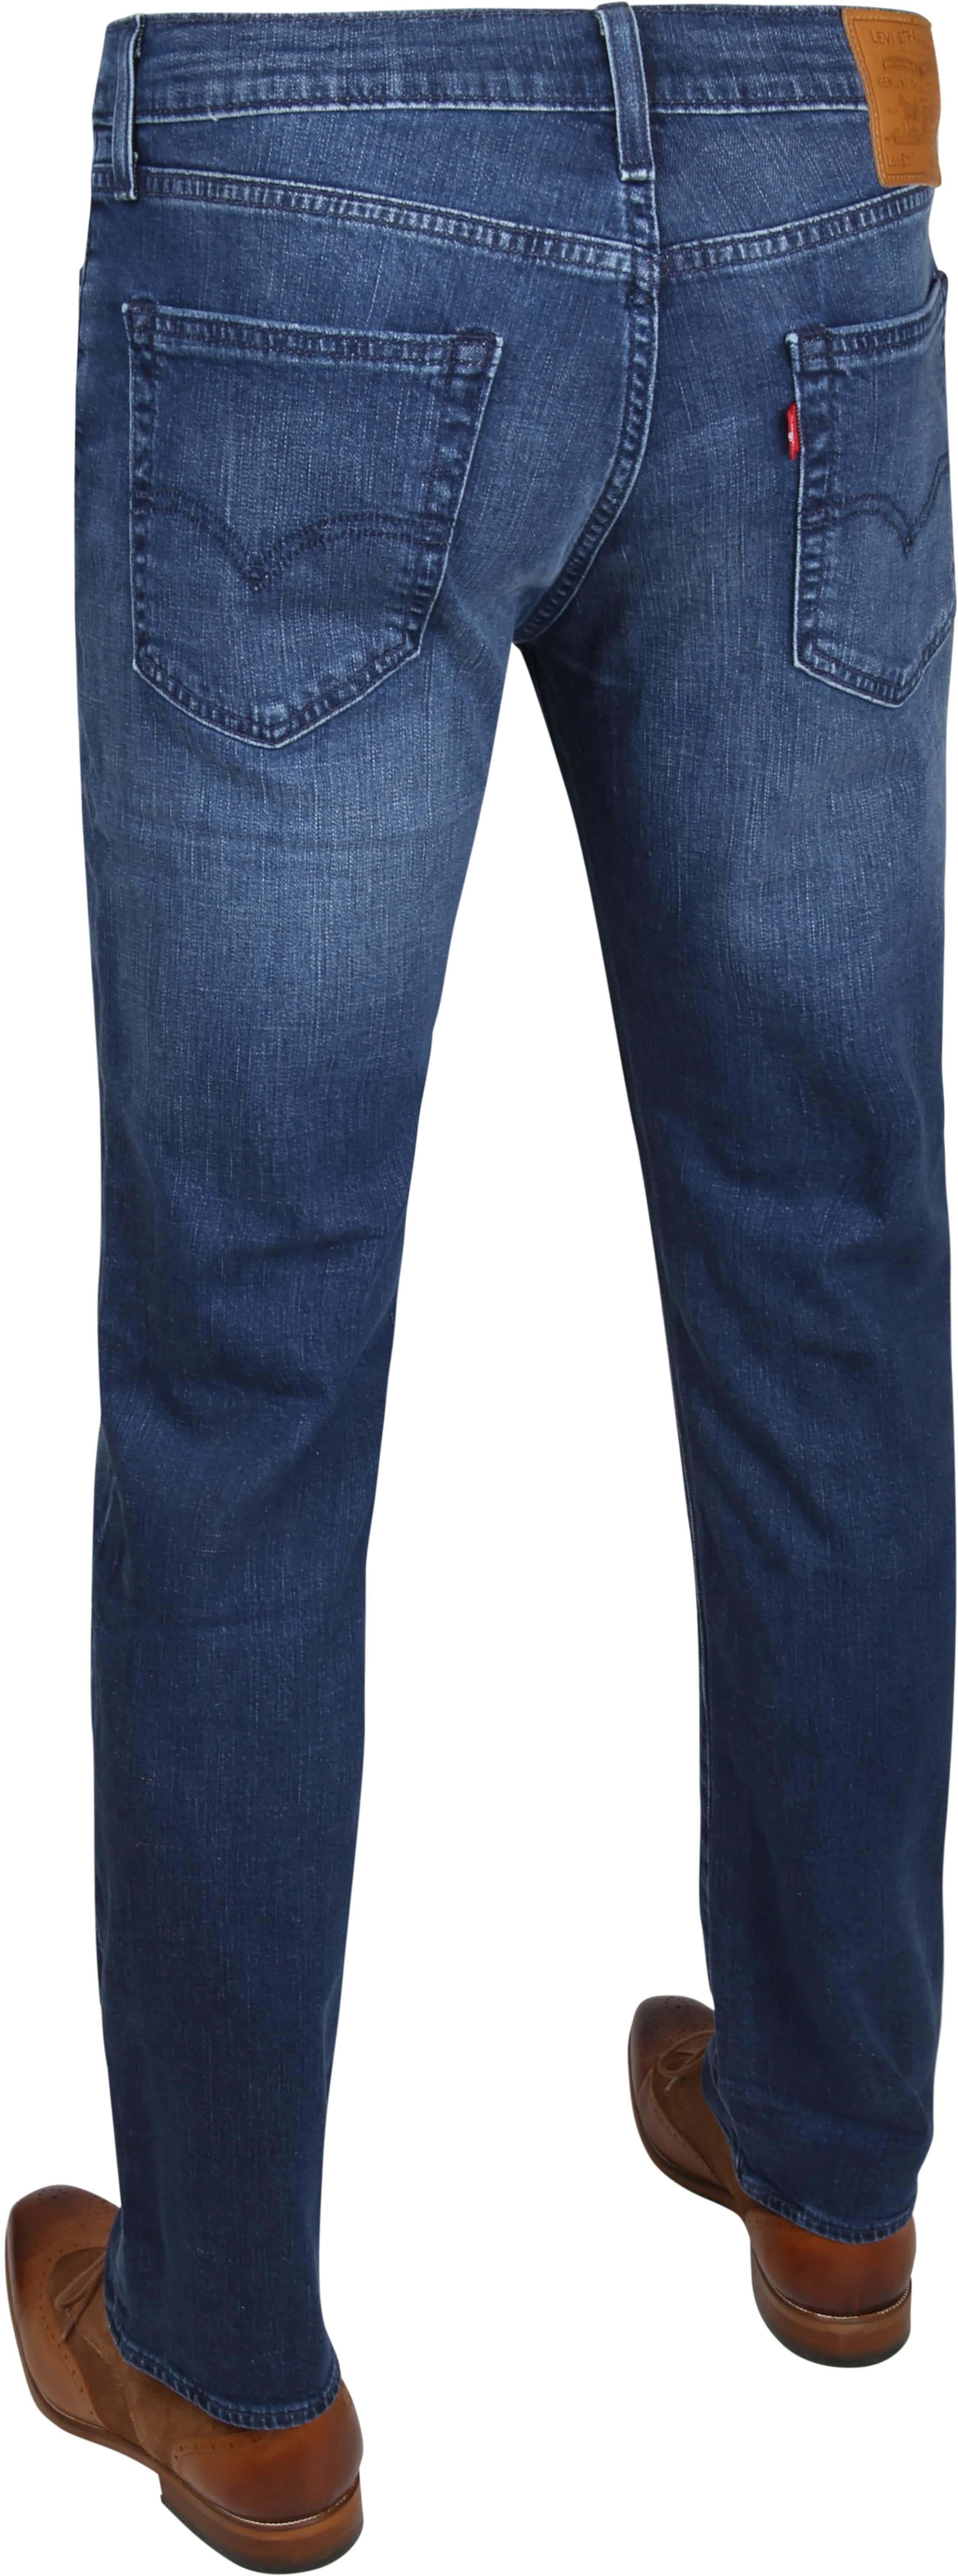 Levi's 511 TM Jeans Indigo foto 2